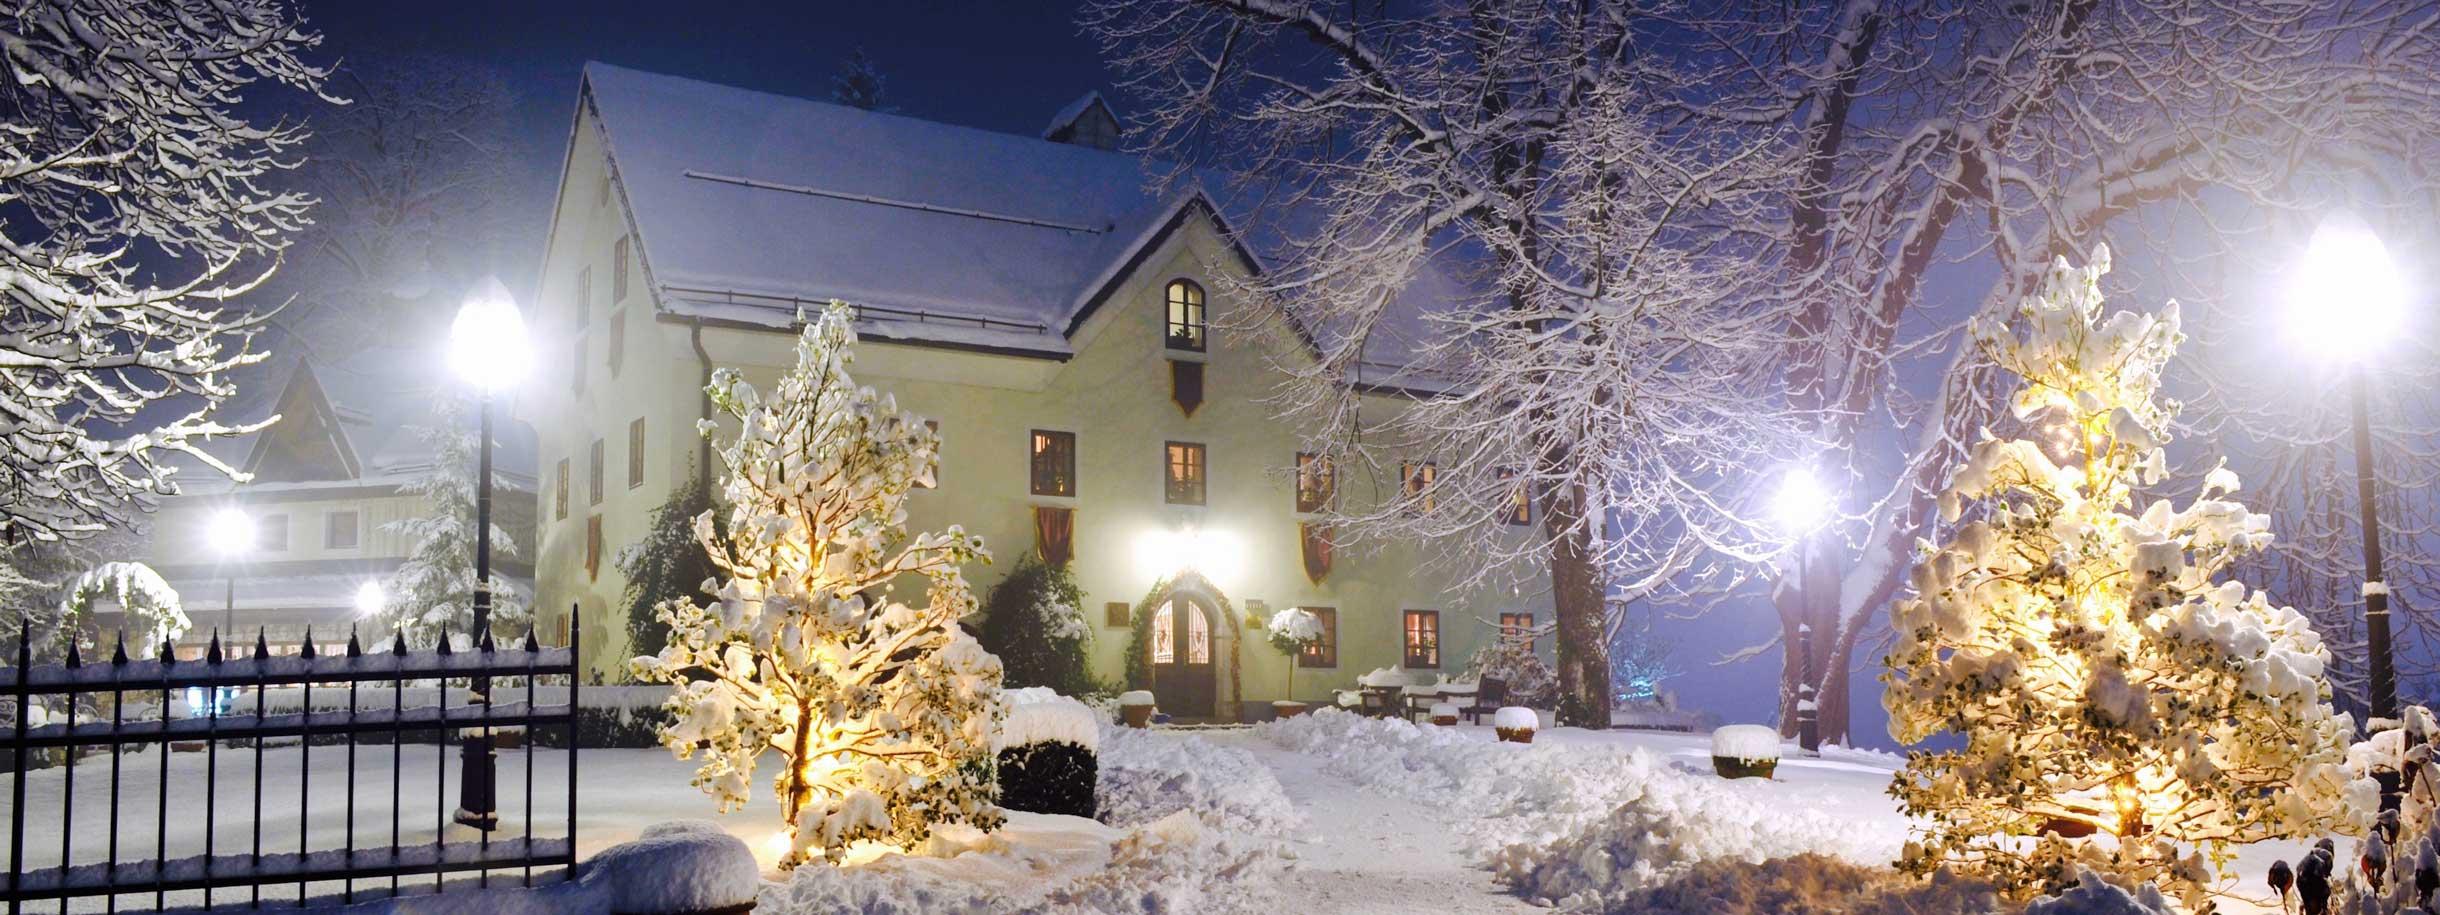 Kendov dvorec in winter